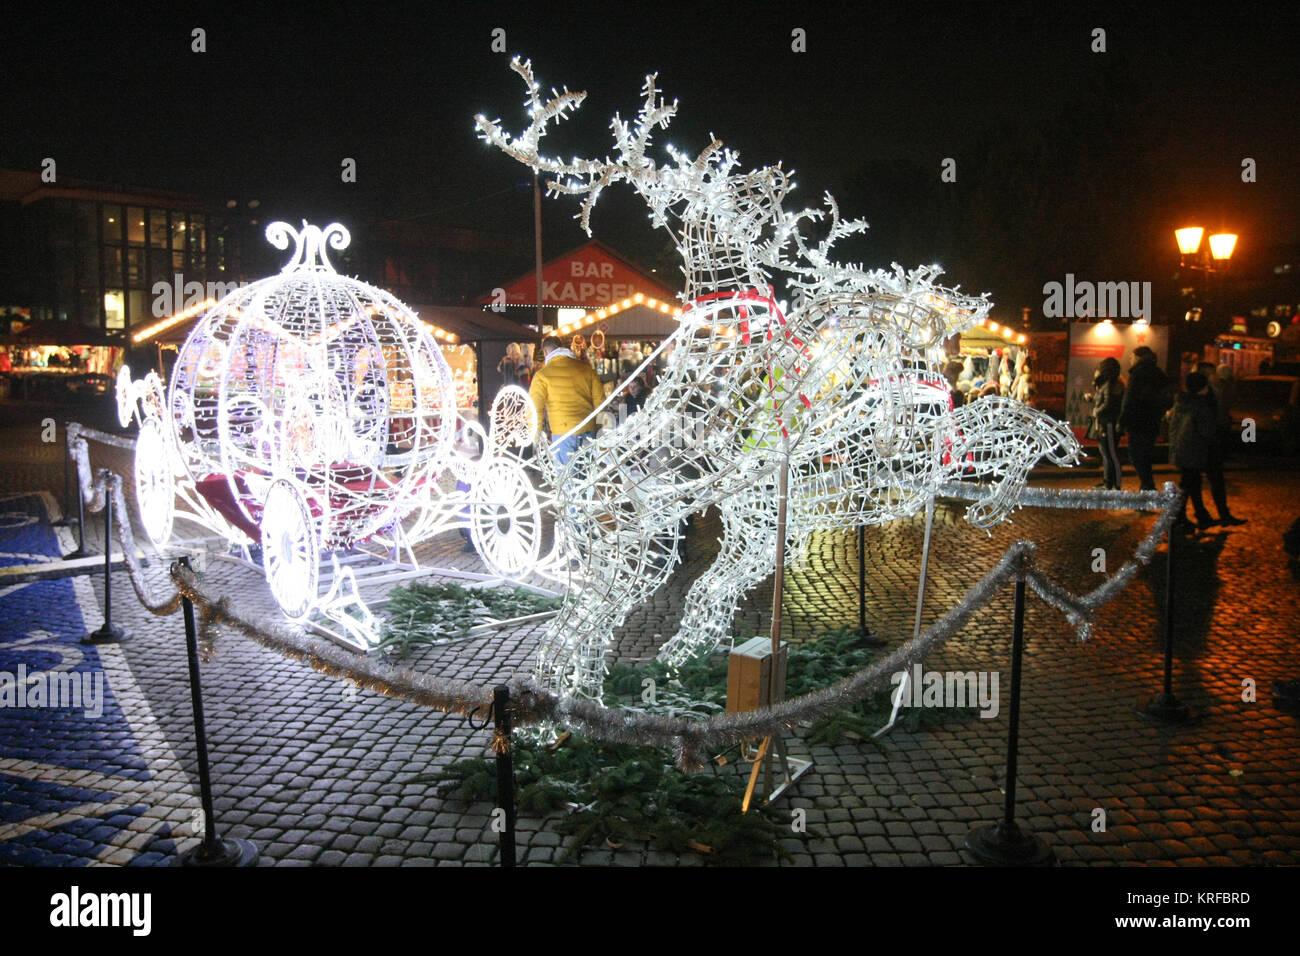 Weihnachtsgeschenke Lebensmittel.Danzig Polen 19 Dezember 2017 Weihnachtsmarkt In Danzig Gesehen